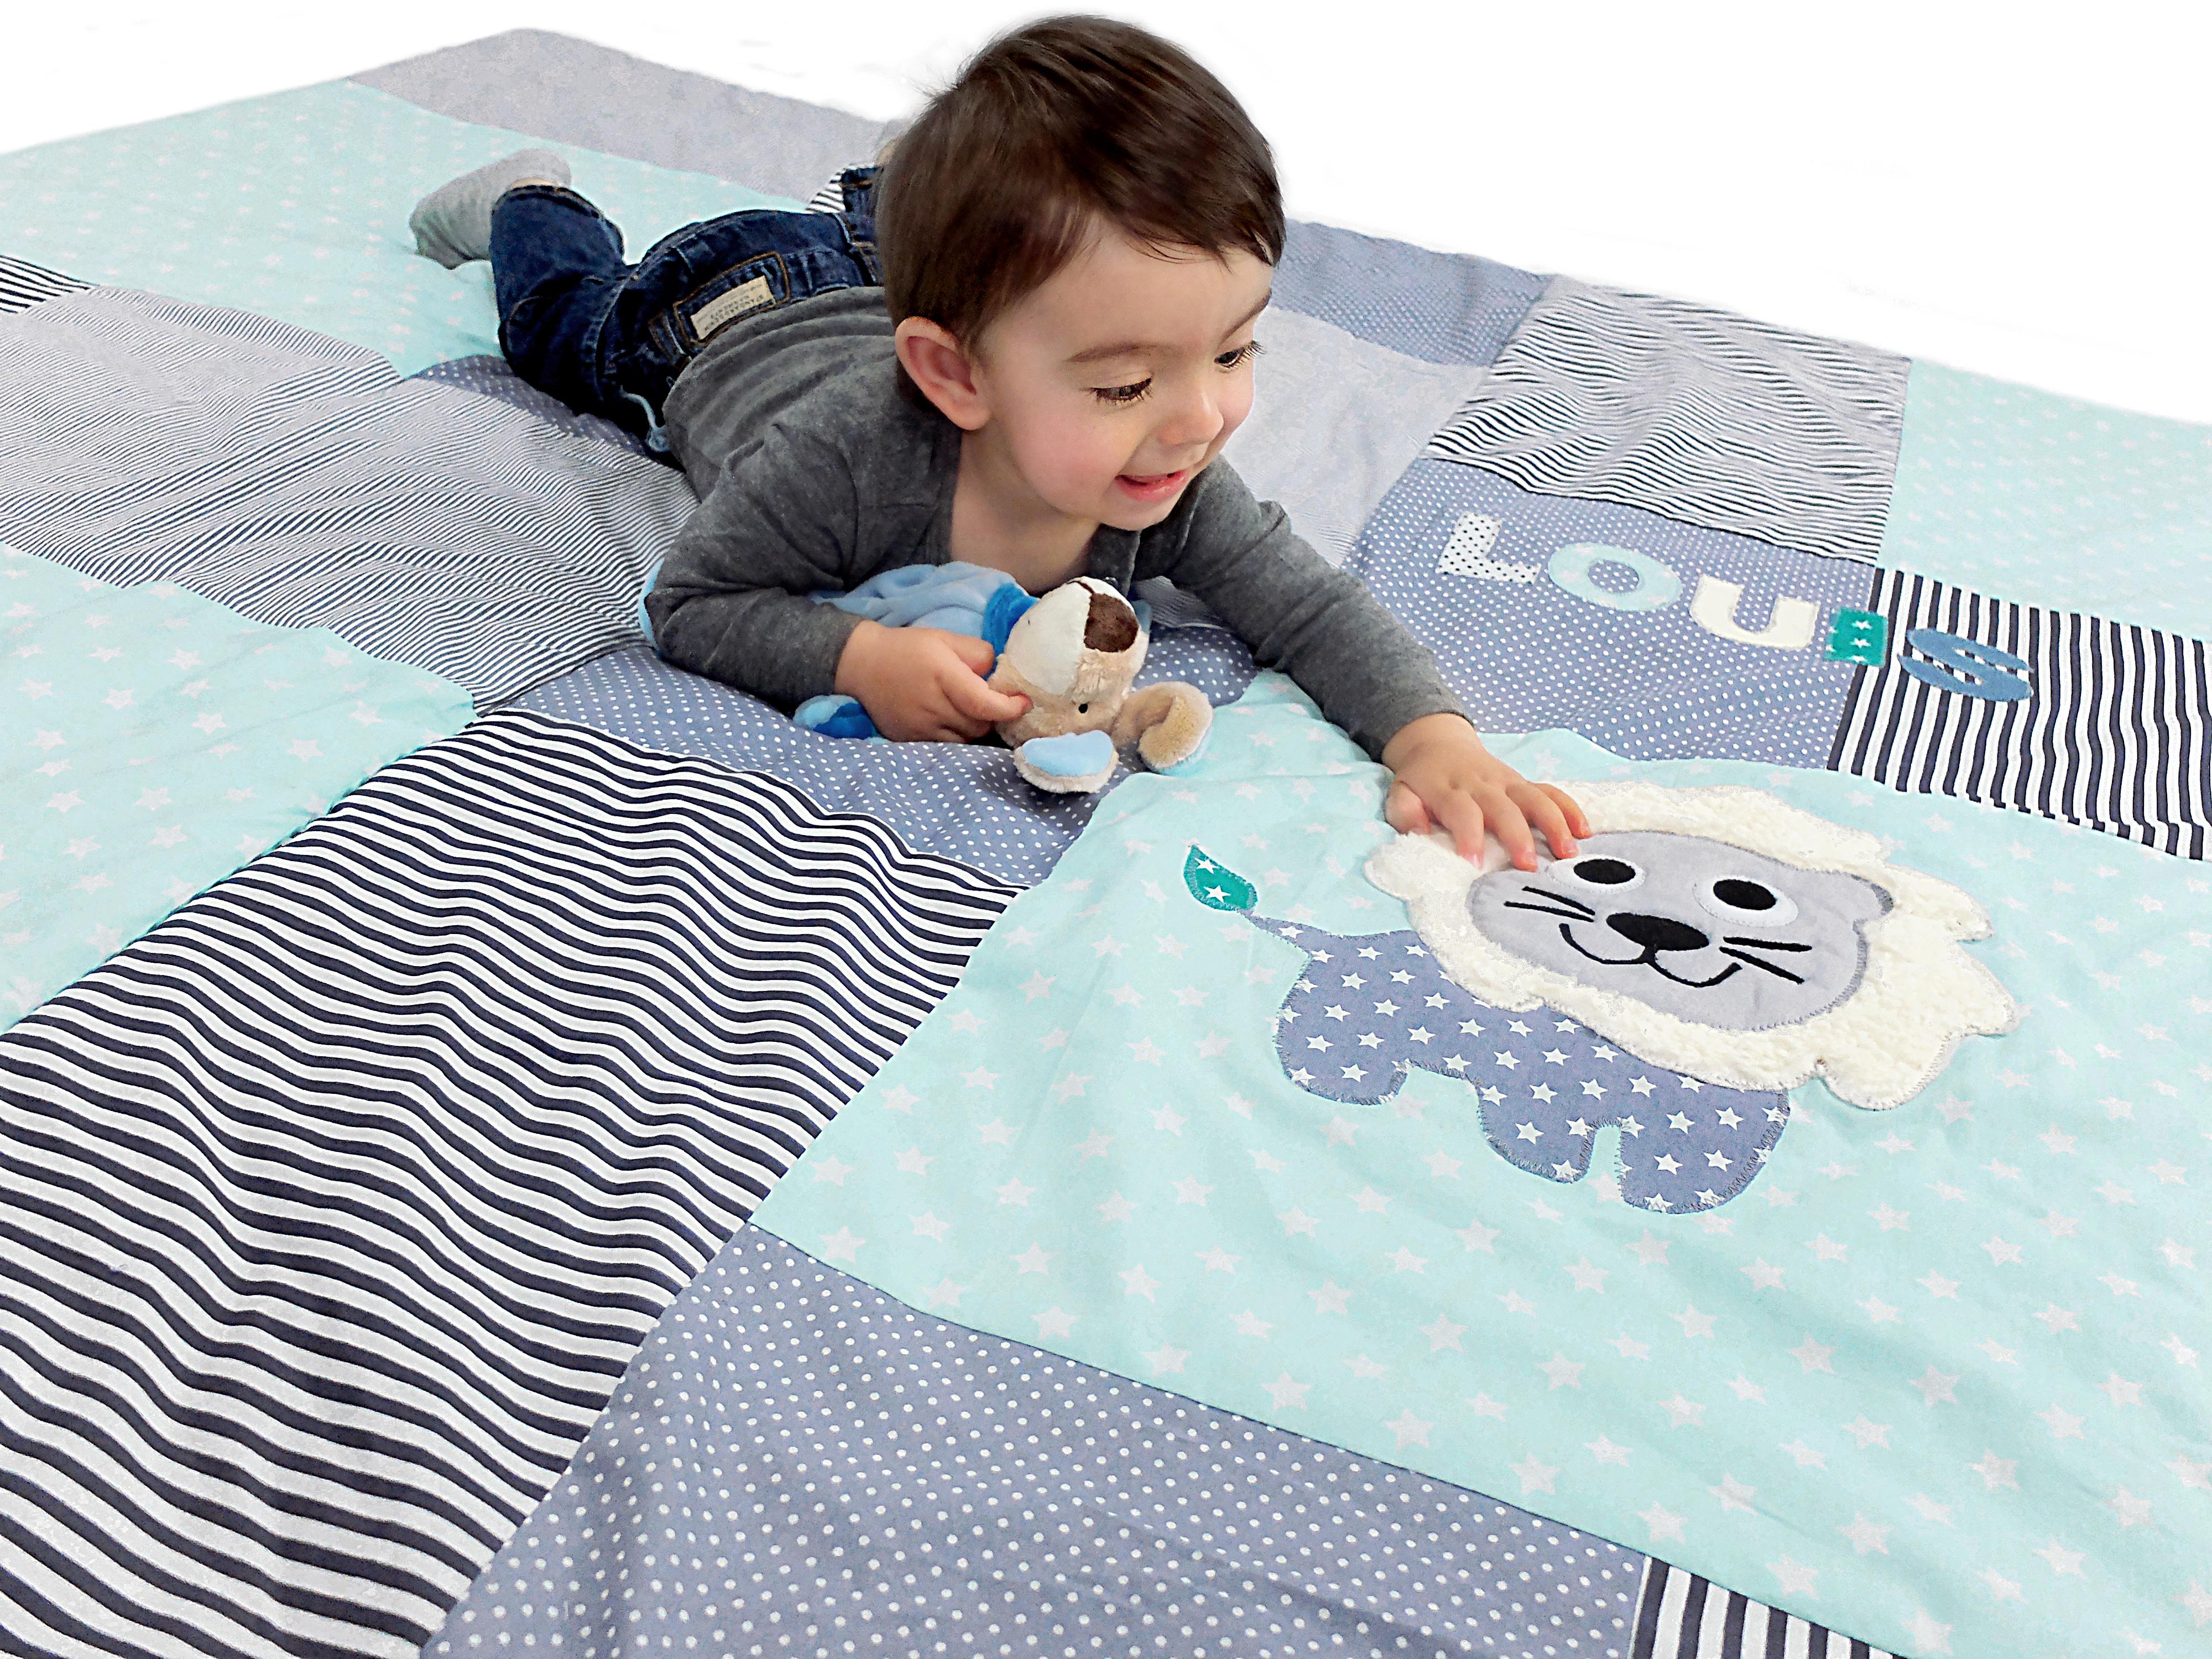 babydecke-kuscheldecke-babydecken-ztoff-geschenke-babyparty-geburt-taufgeschenke-taufe-geschenkideen-geschenk-personalisierte-babiez-krabbeldecke-mit-namen-6HmvBNOufa2noj